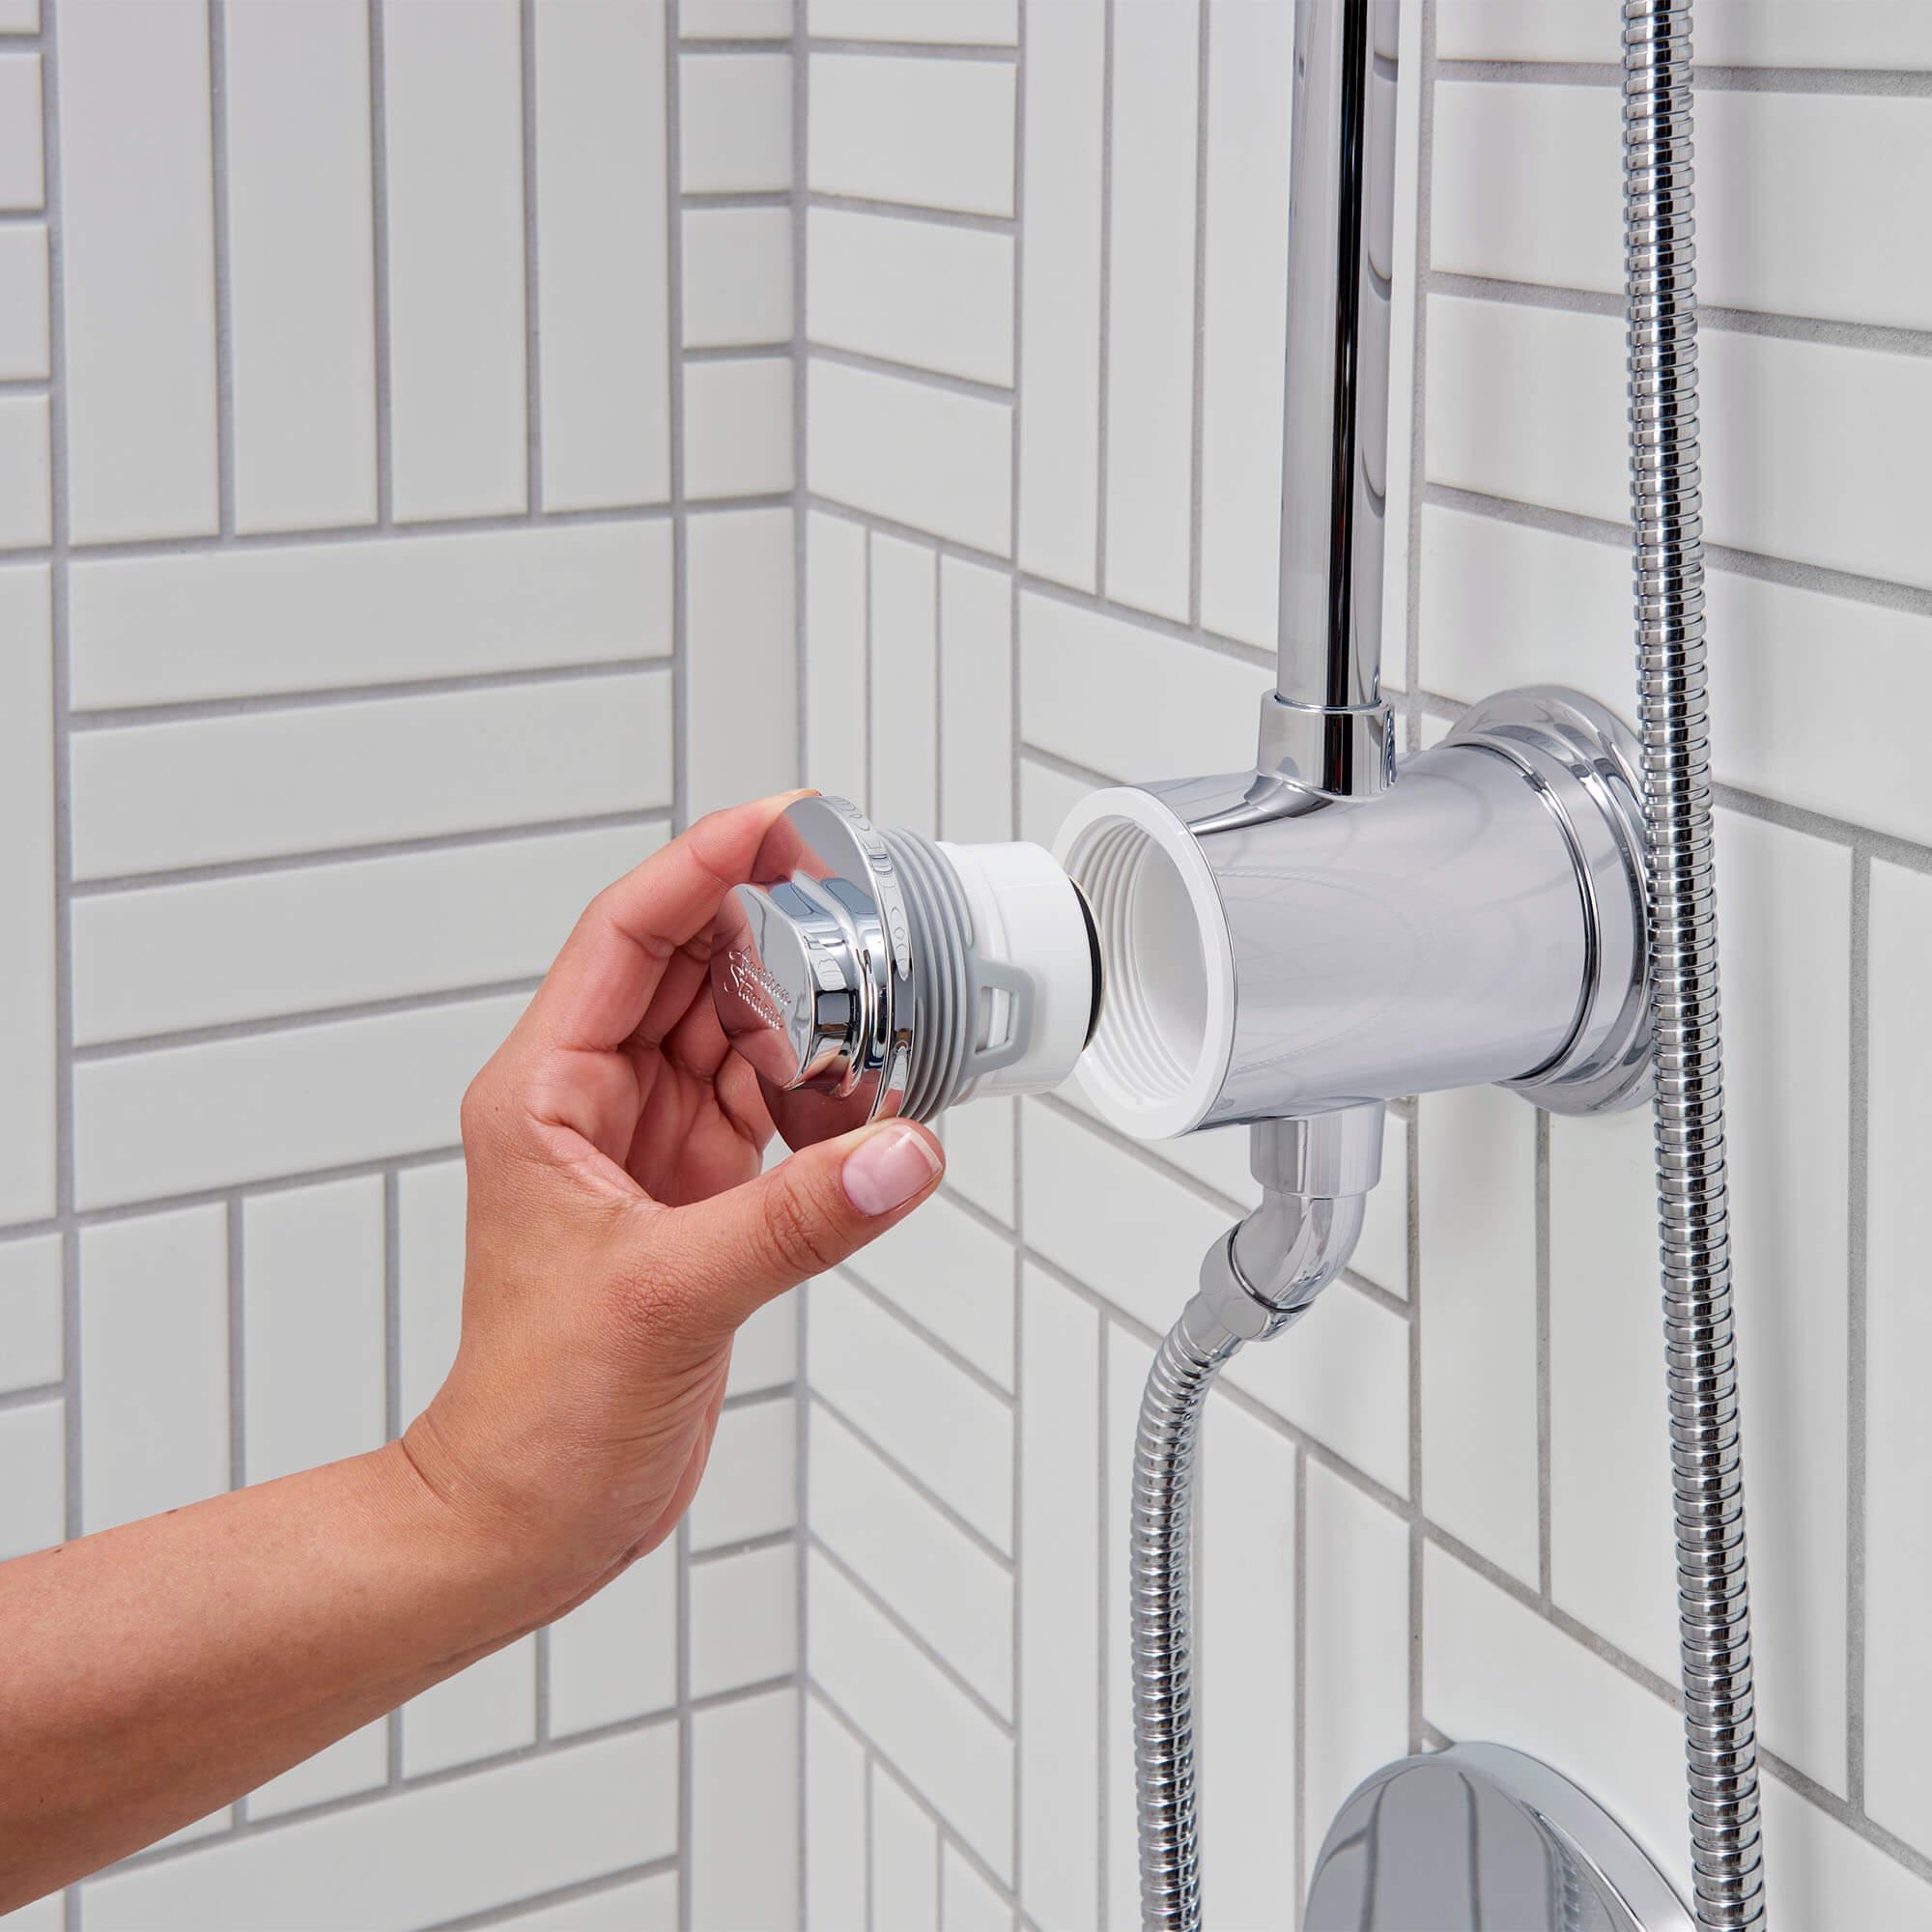 spectra filtration shower